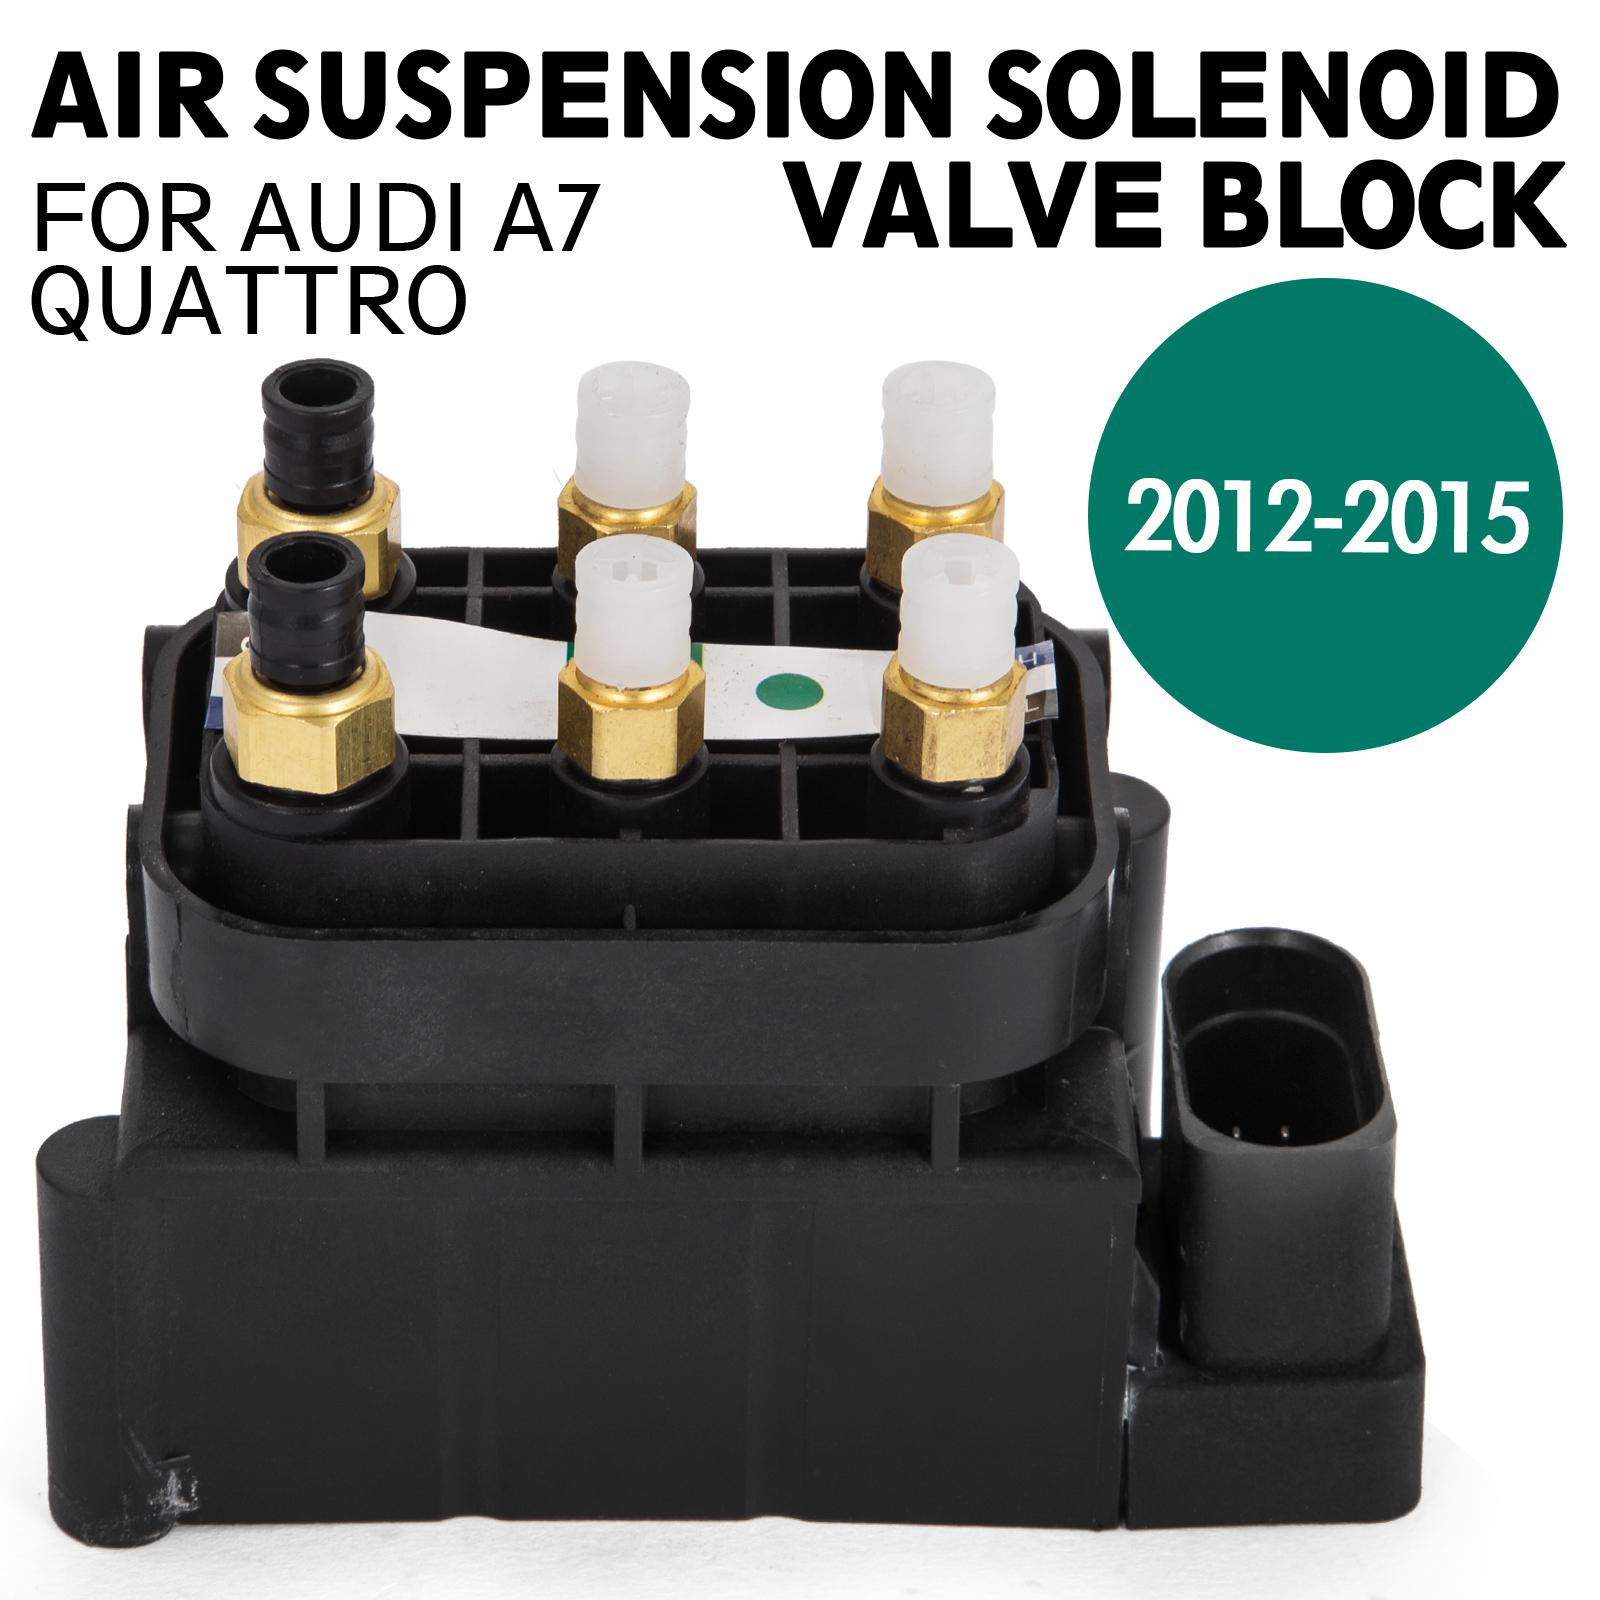 de FOR AUDI A7 Quattro AIR RIDE SUSPENSION SOLENOID VALVE BLOCK 2012- al